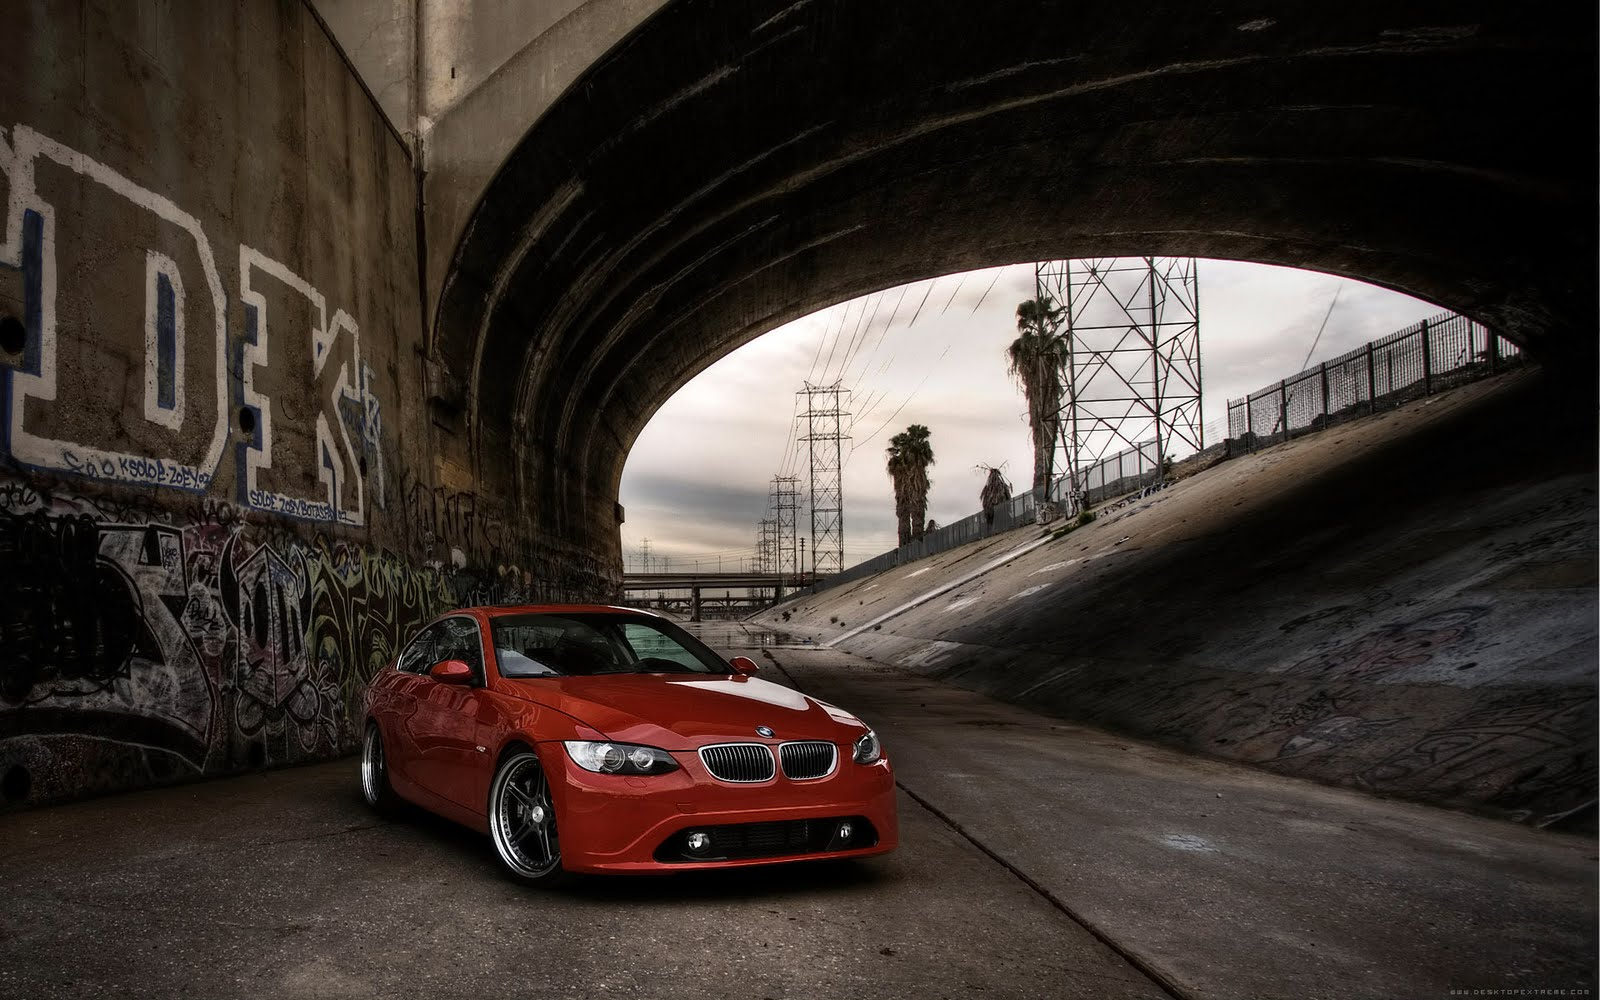 http://1.bp.blogspot.com/-RJqi3ZgdIGQ/Tbj7Ew_h_8I/AAAAAAAACPQ/Q6N4cwcBqZQ/s1600/TheWallpaperDB.blogspot.com__+__Cars+%252823%2529.jpg